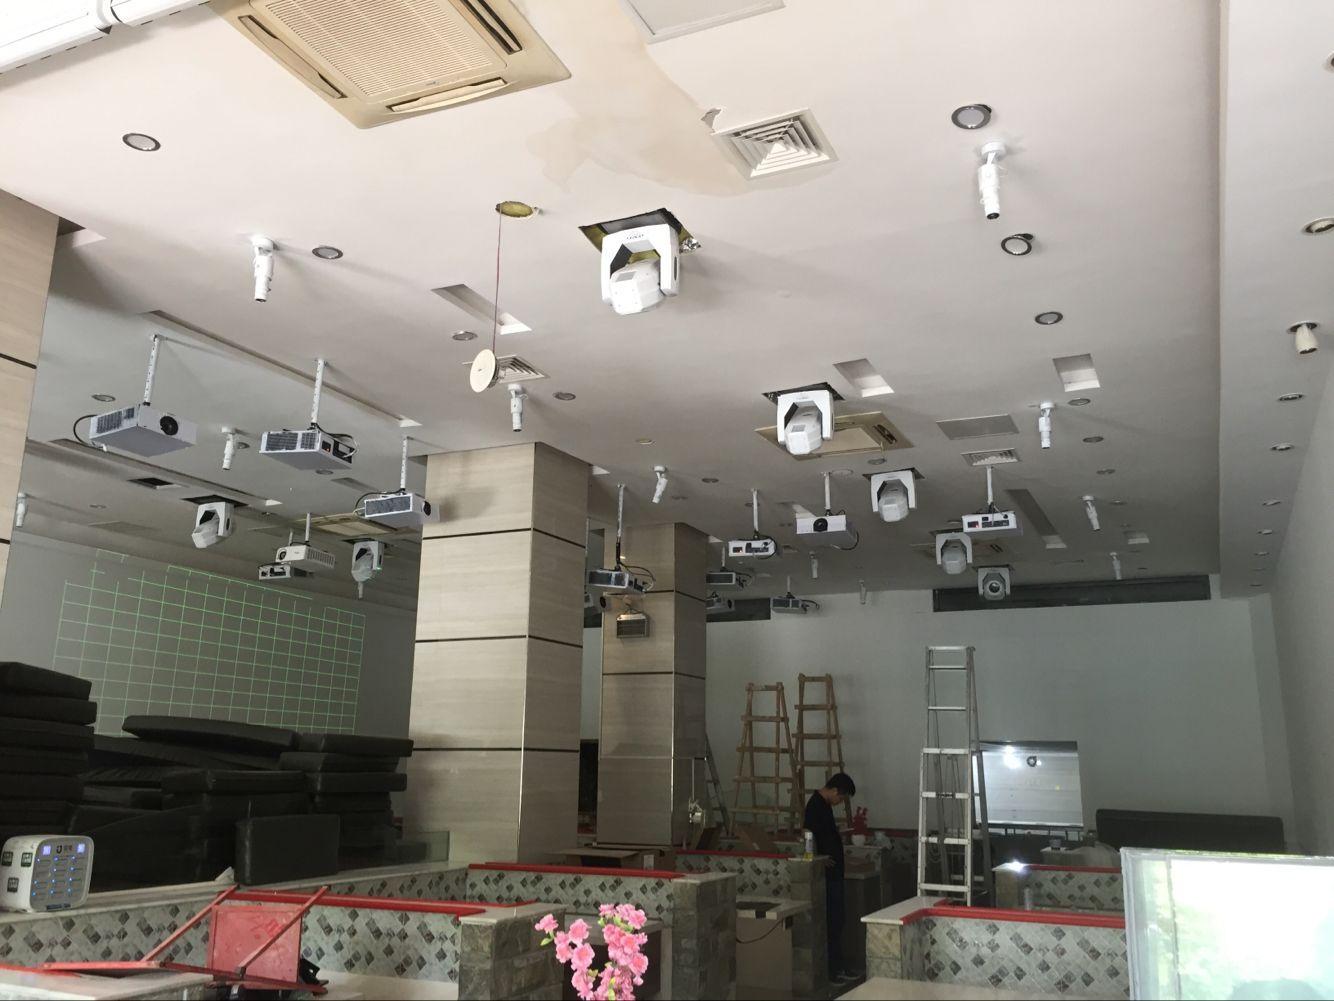 山西光影餐厅哪里好 上海音维电子科技供应「上海音维电子科技供应」